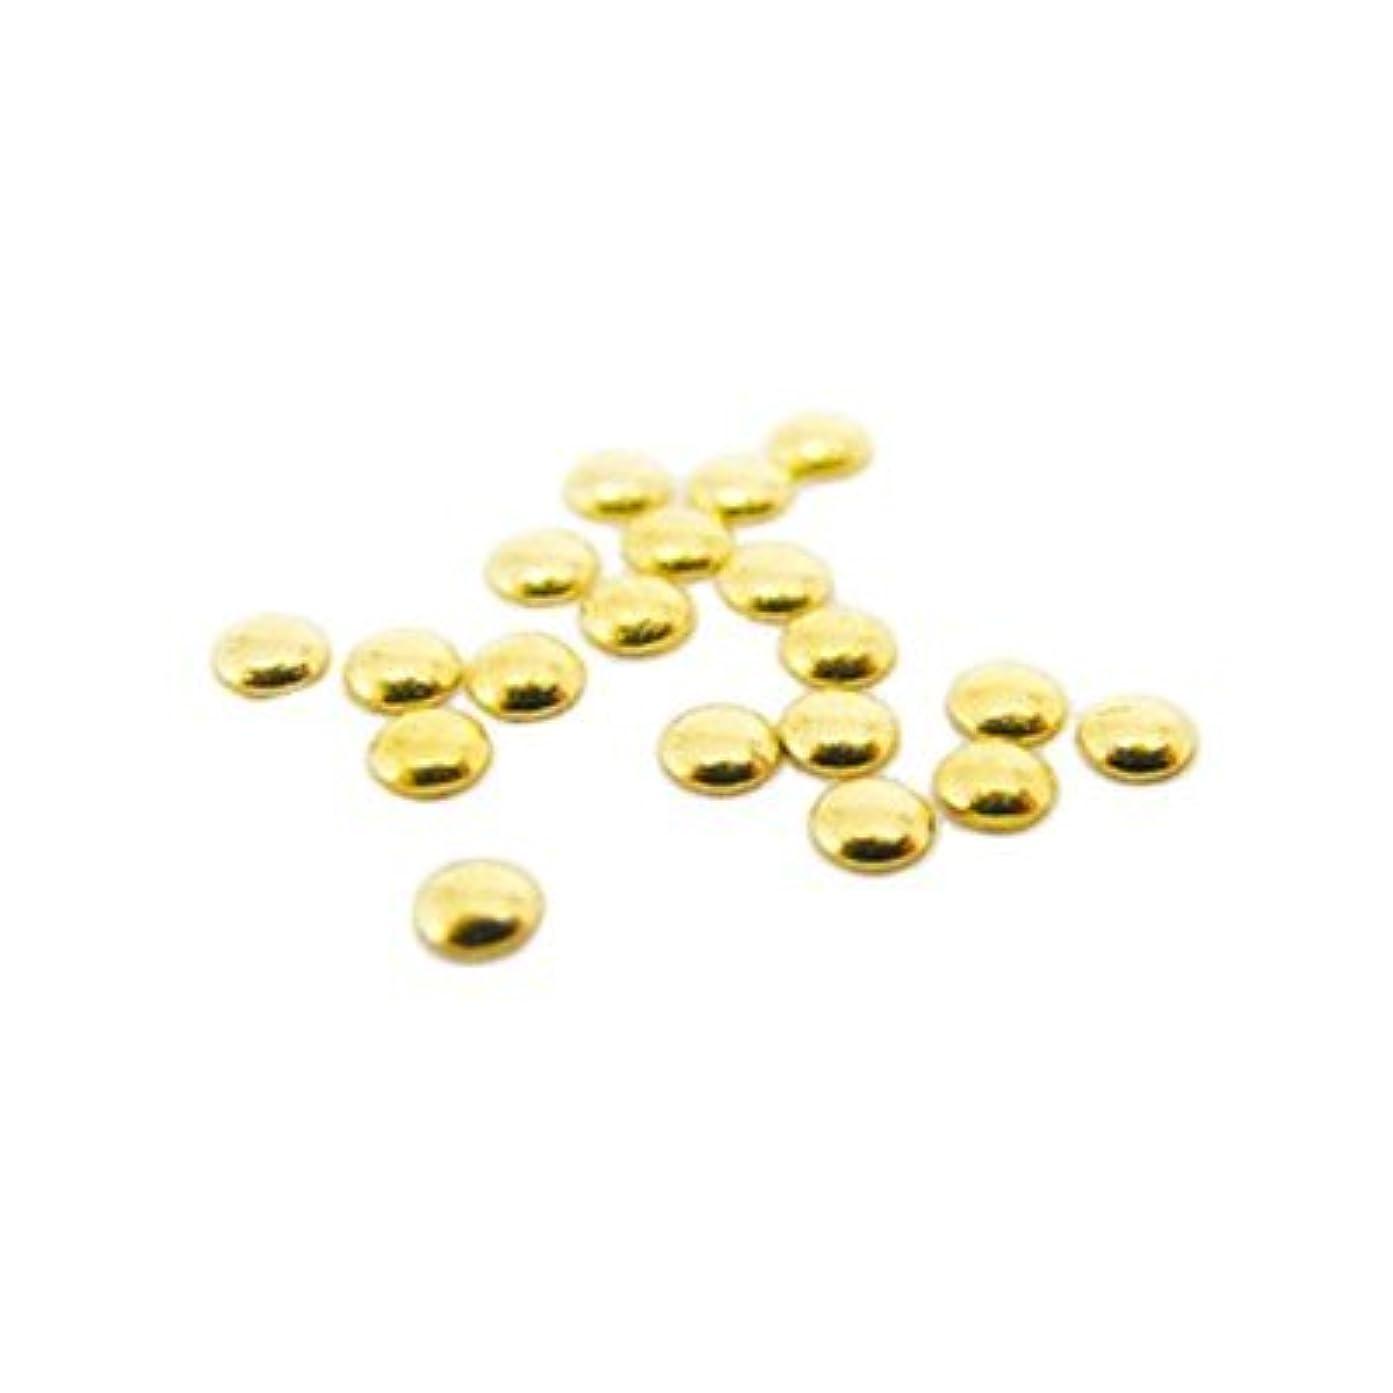 タイプライター津波令状ピアドラ スタッズ 1.0mm 500P ゴールド